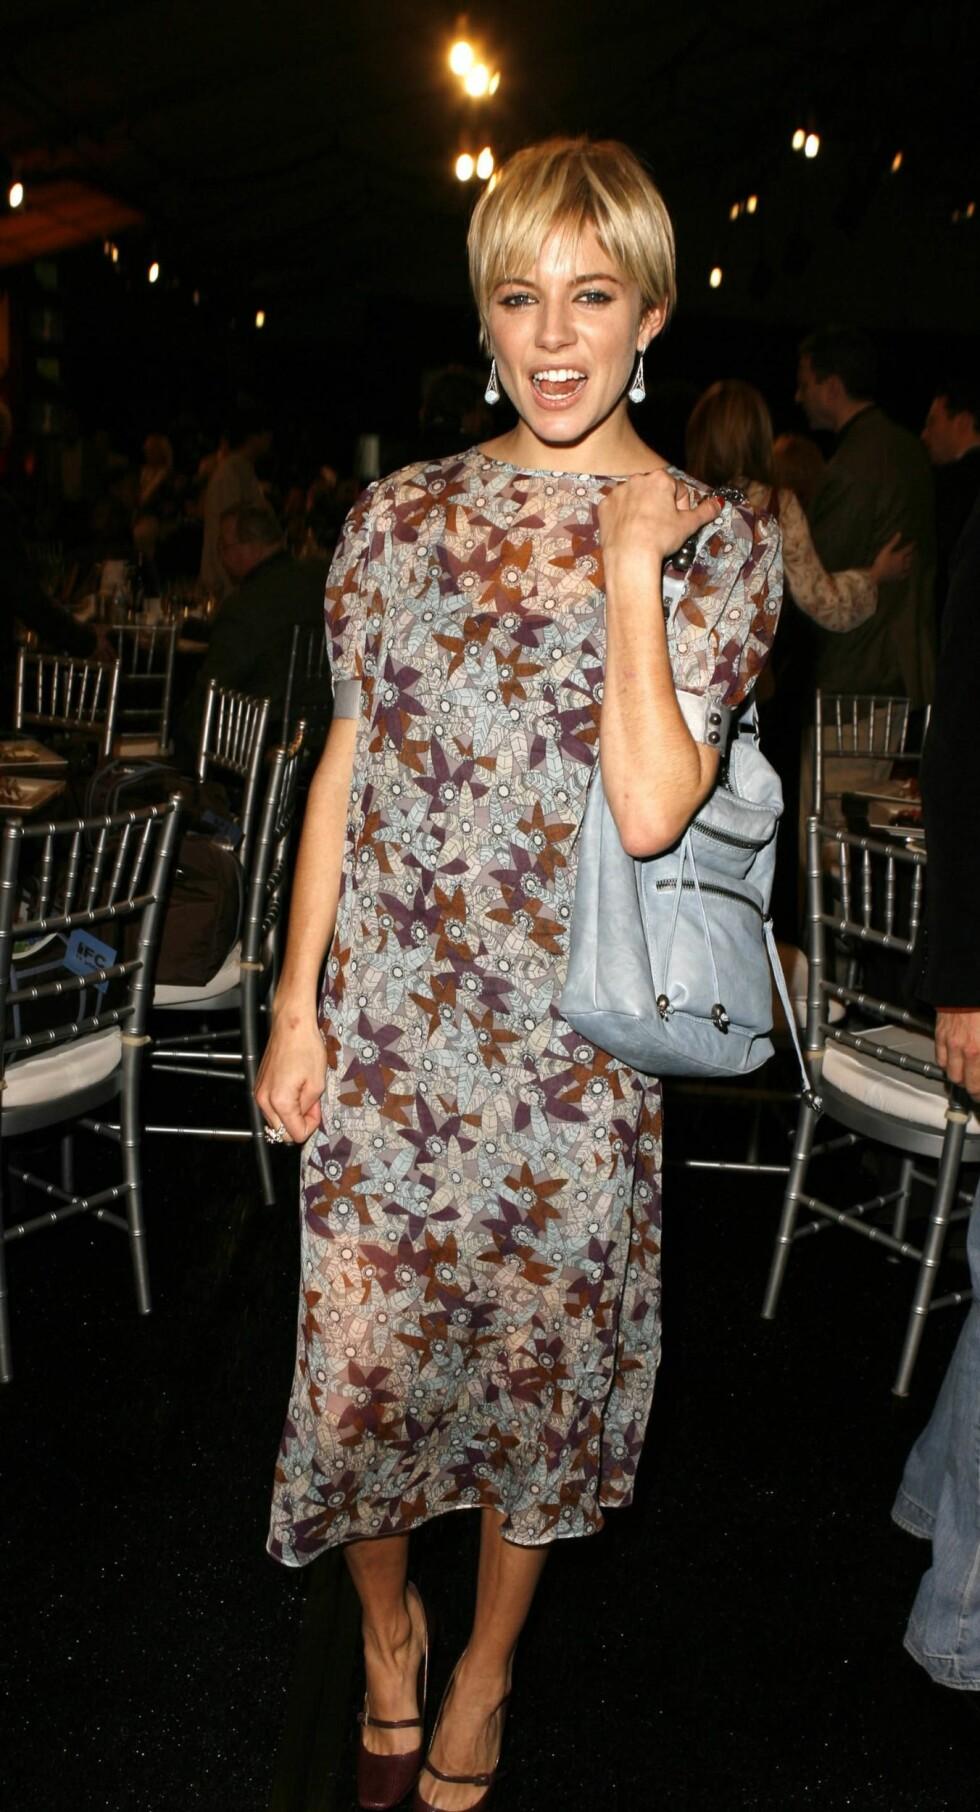 Stilikonet Sienna Miller har på en søt bestemorskjole.